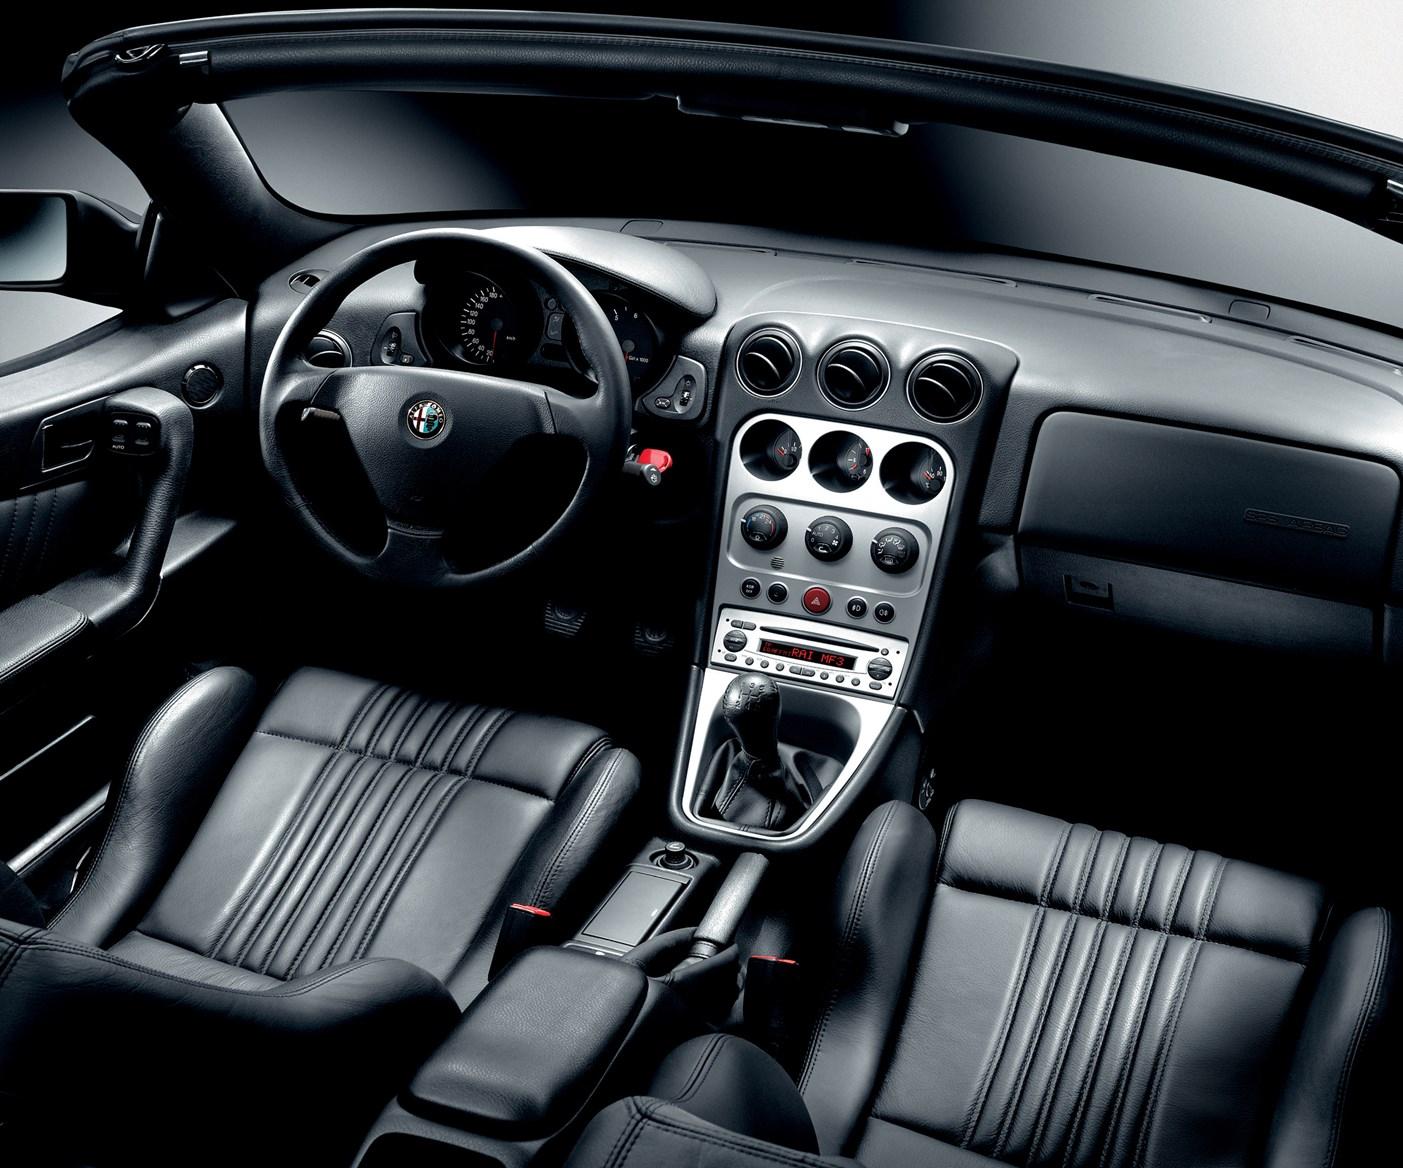 Alfa Romeo Spider Convertible Features Equipment And - Alfa romeo spider accessories